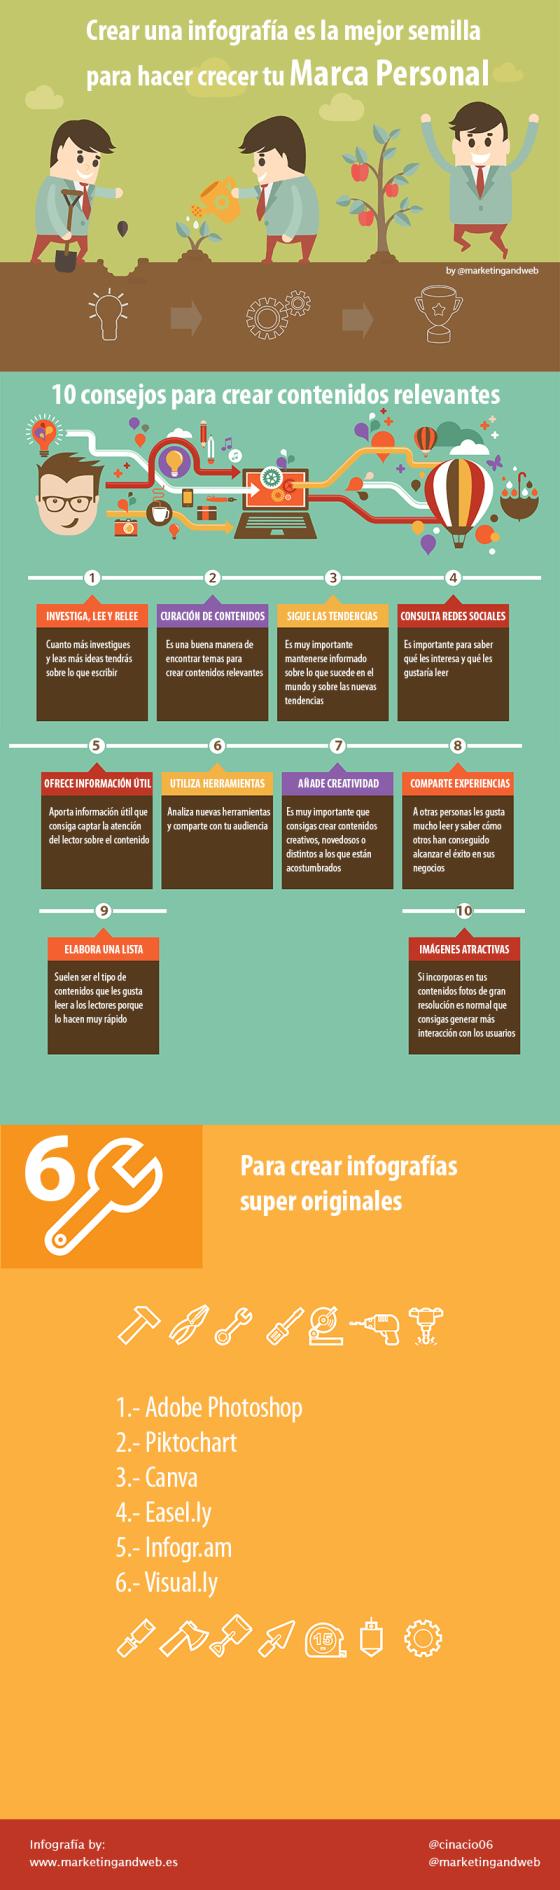 Las infografías ayudan a crecer tu Marca Personal